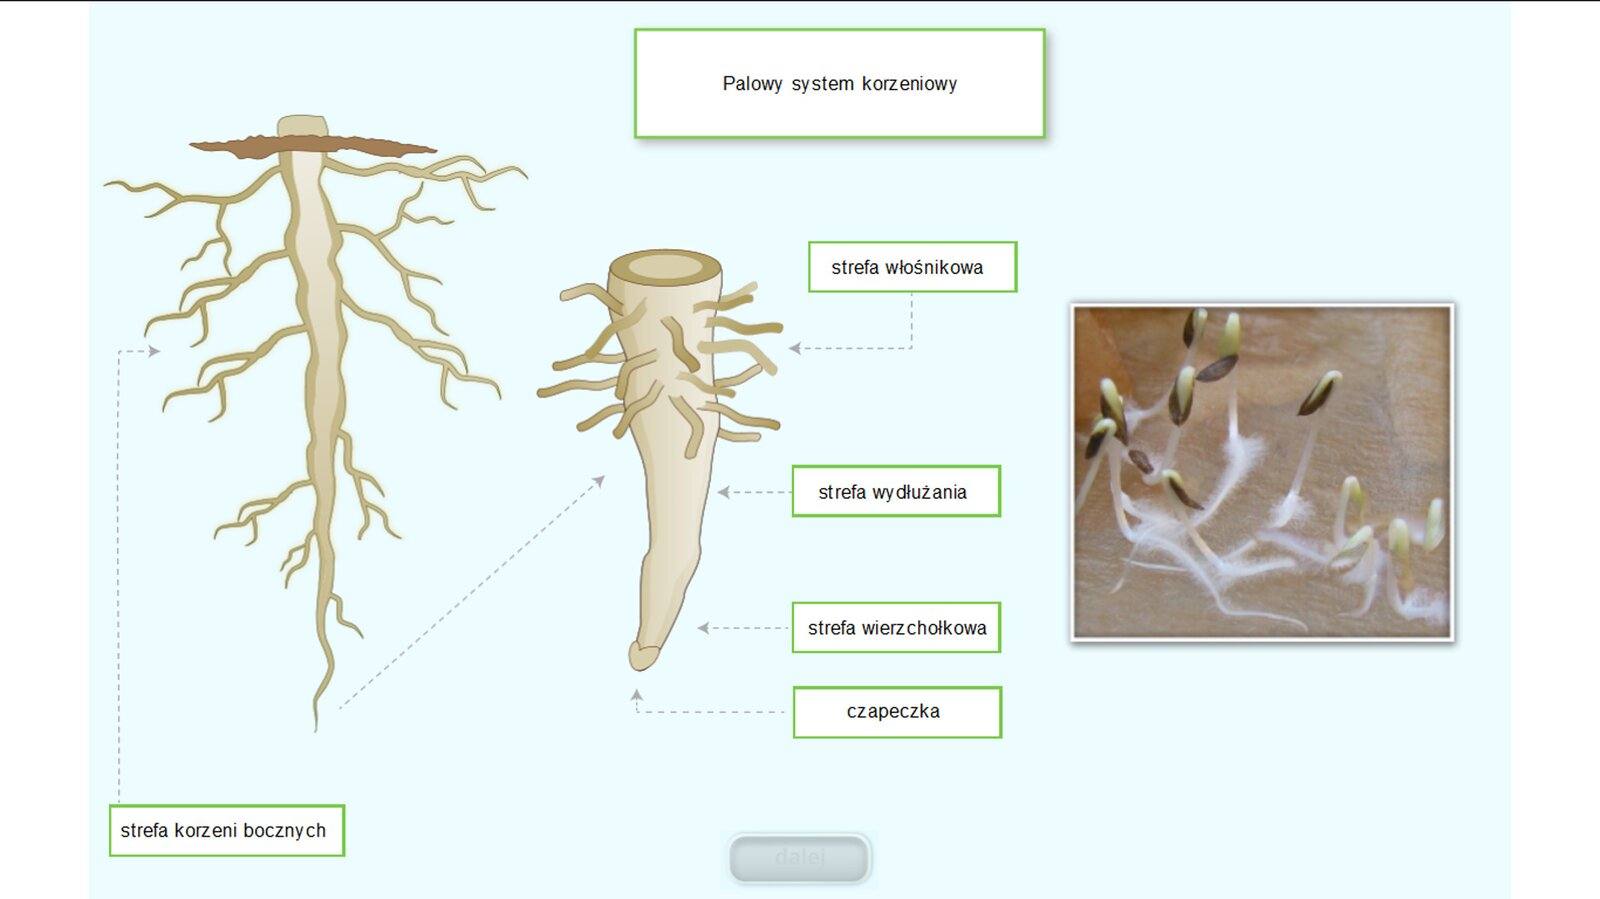 Animacja przedstawia kolejno pojawiające się rysunki iopisy poszczególnych części korzenia.